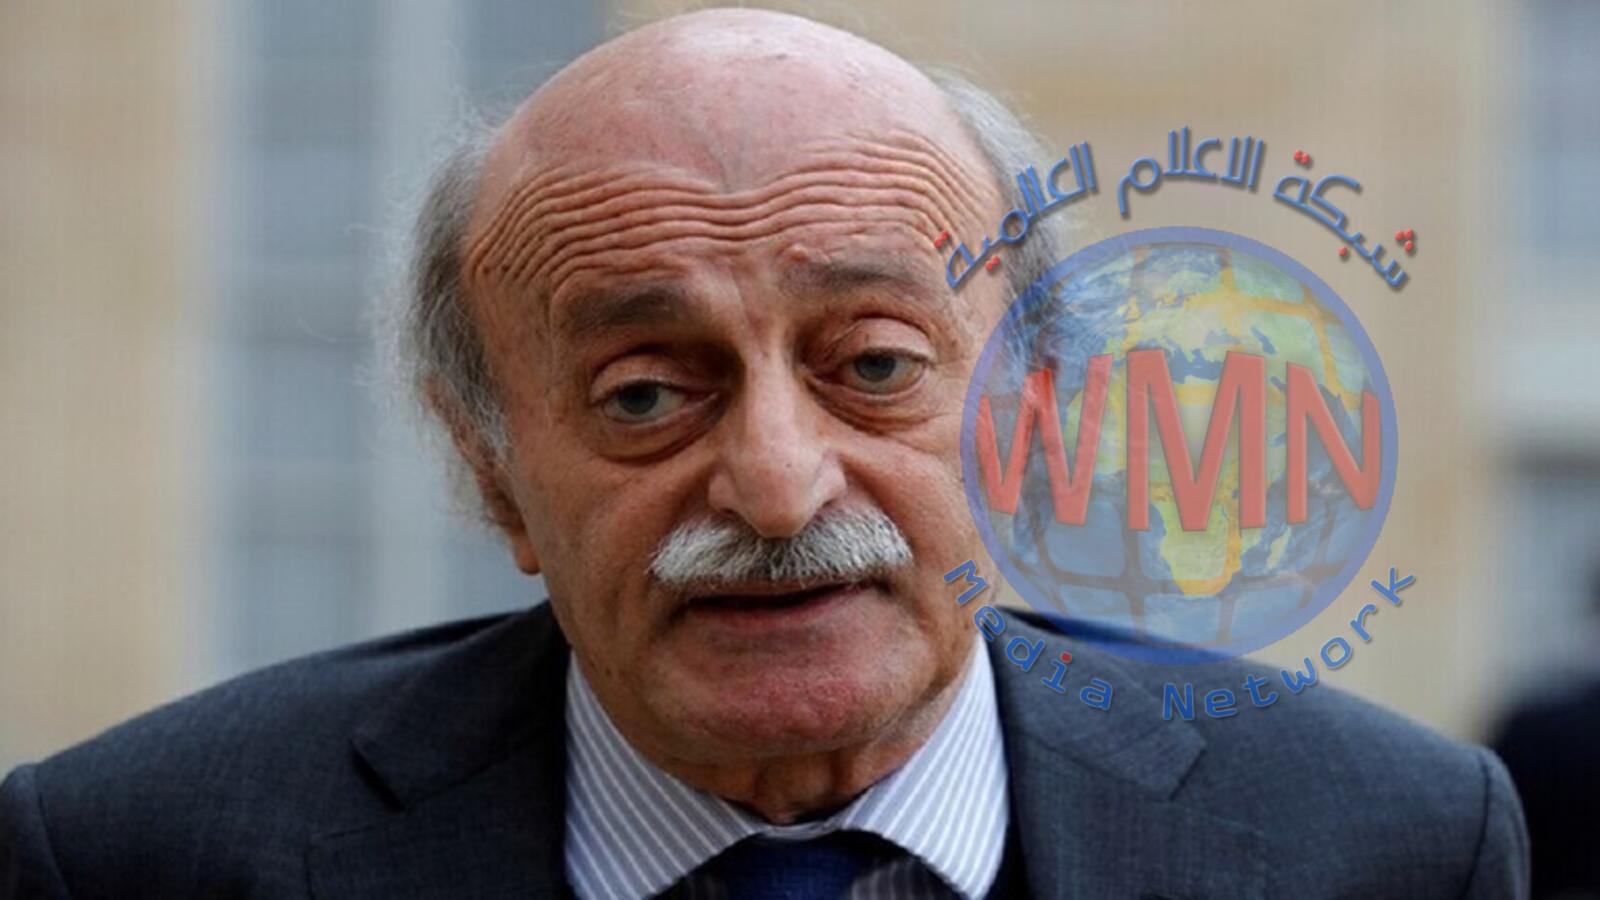 جنبلاط: عملاء سوريا وراء التحريض ضدي